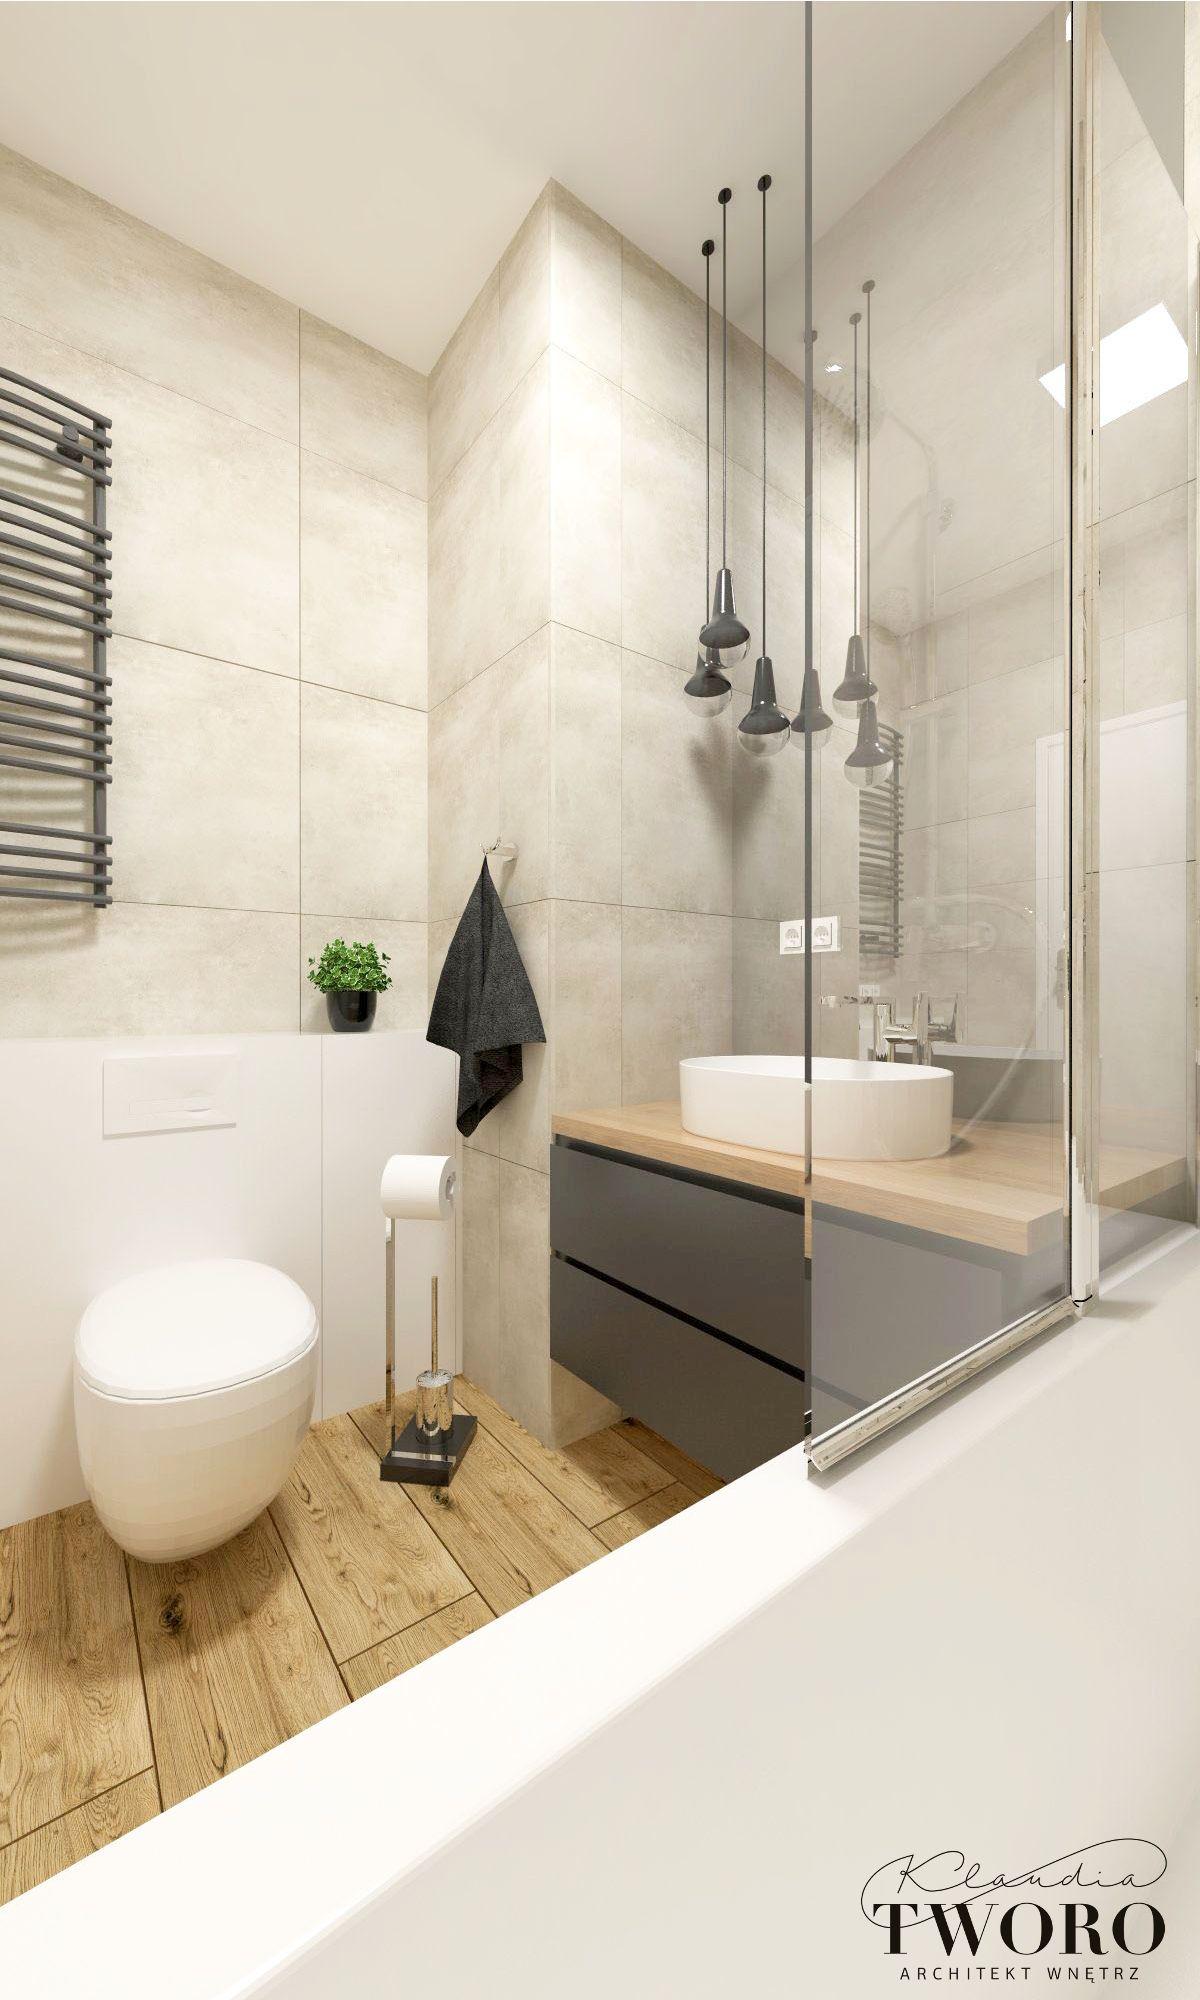 łazienka Szara Drewno Beton żoliborz Artystyczny Szary